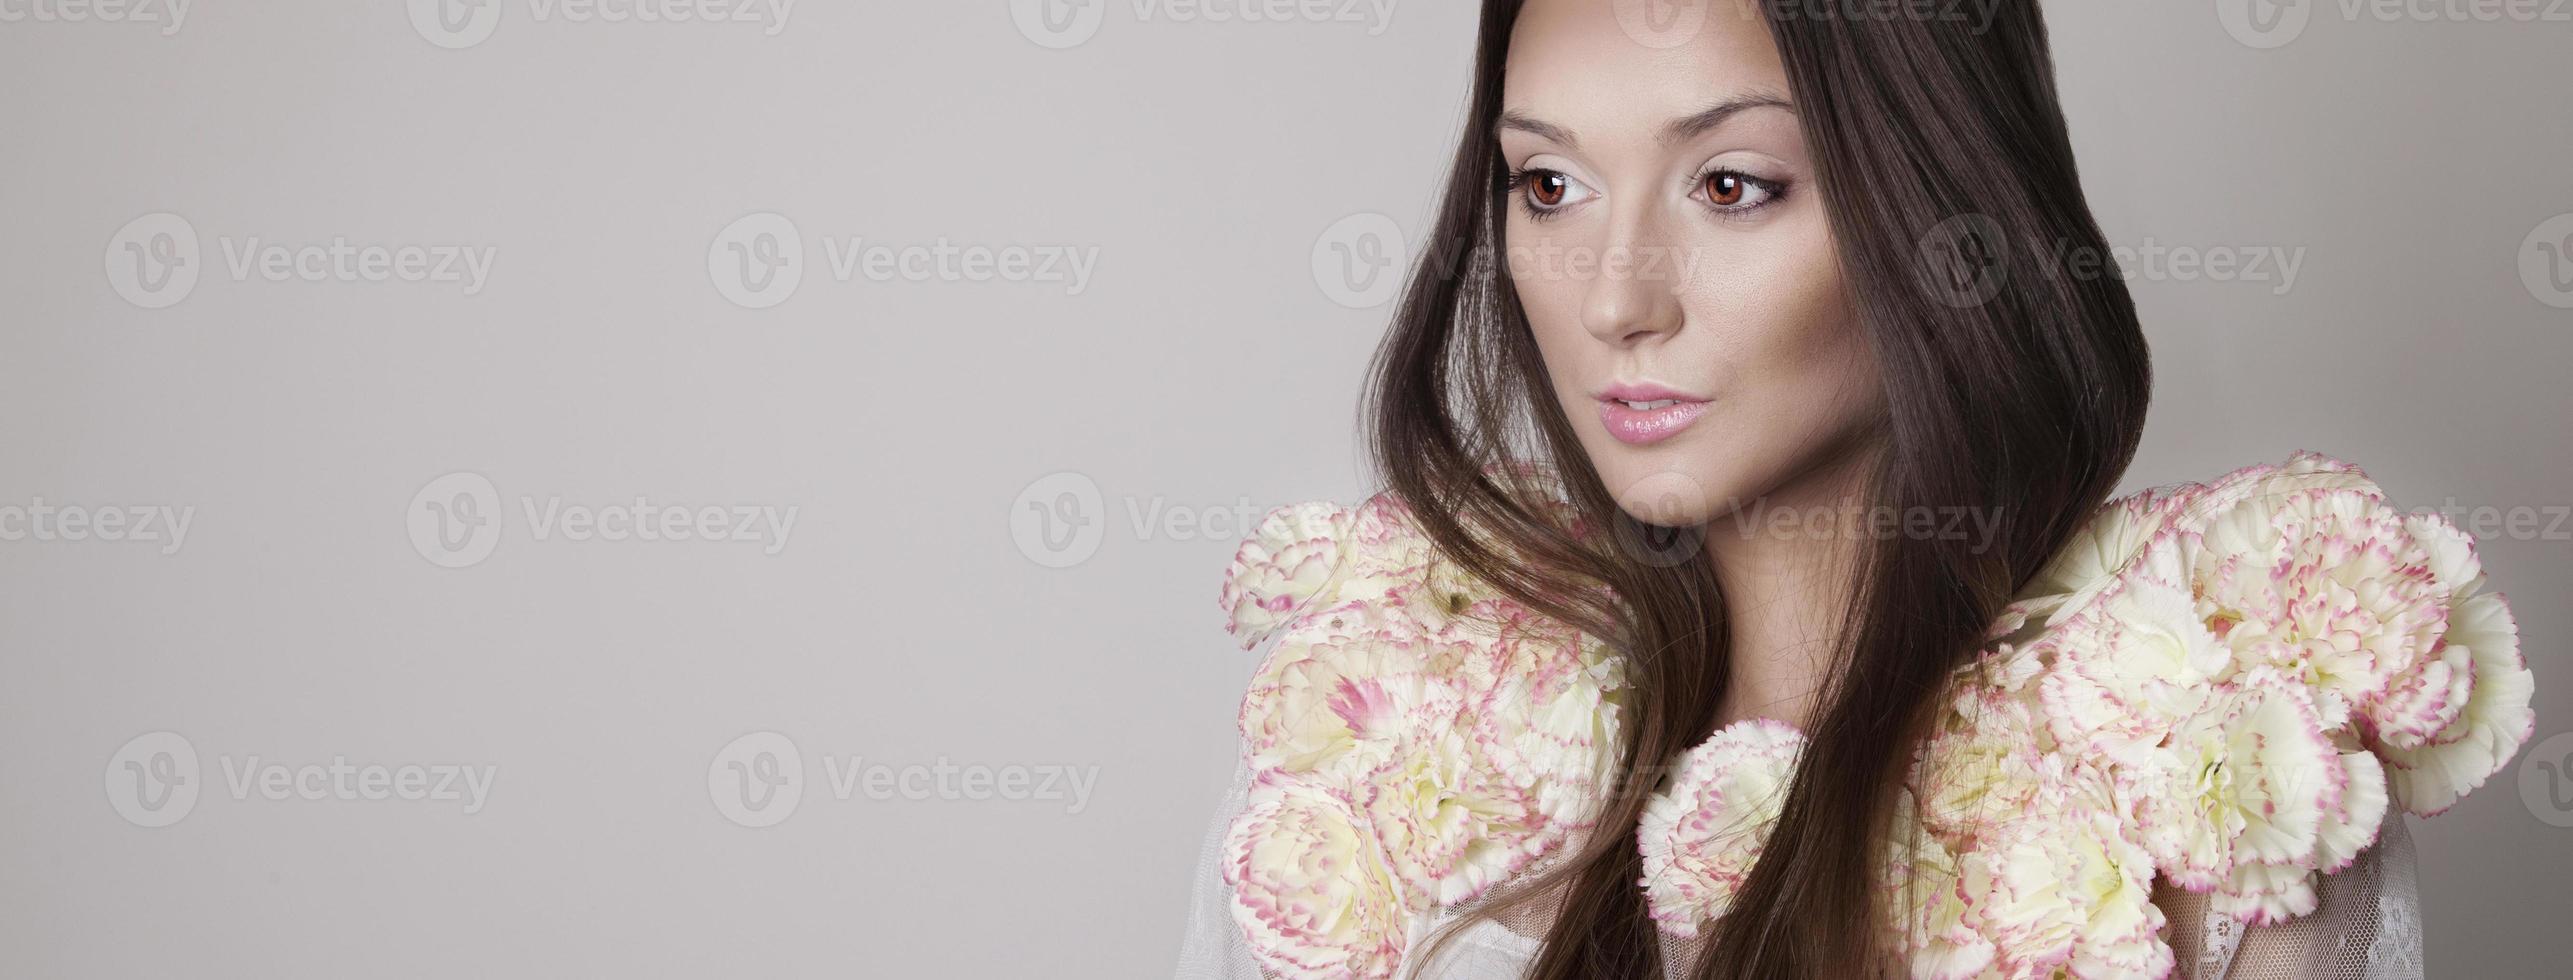 portrait de beauté de jeune fille brune, printemps. photo